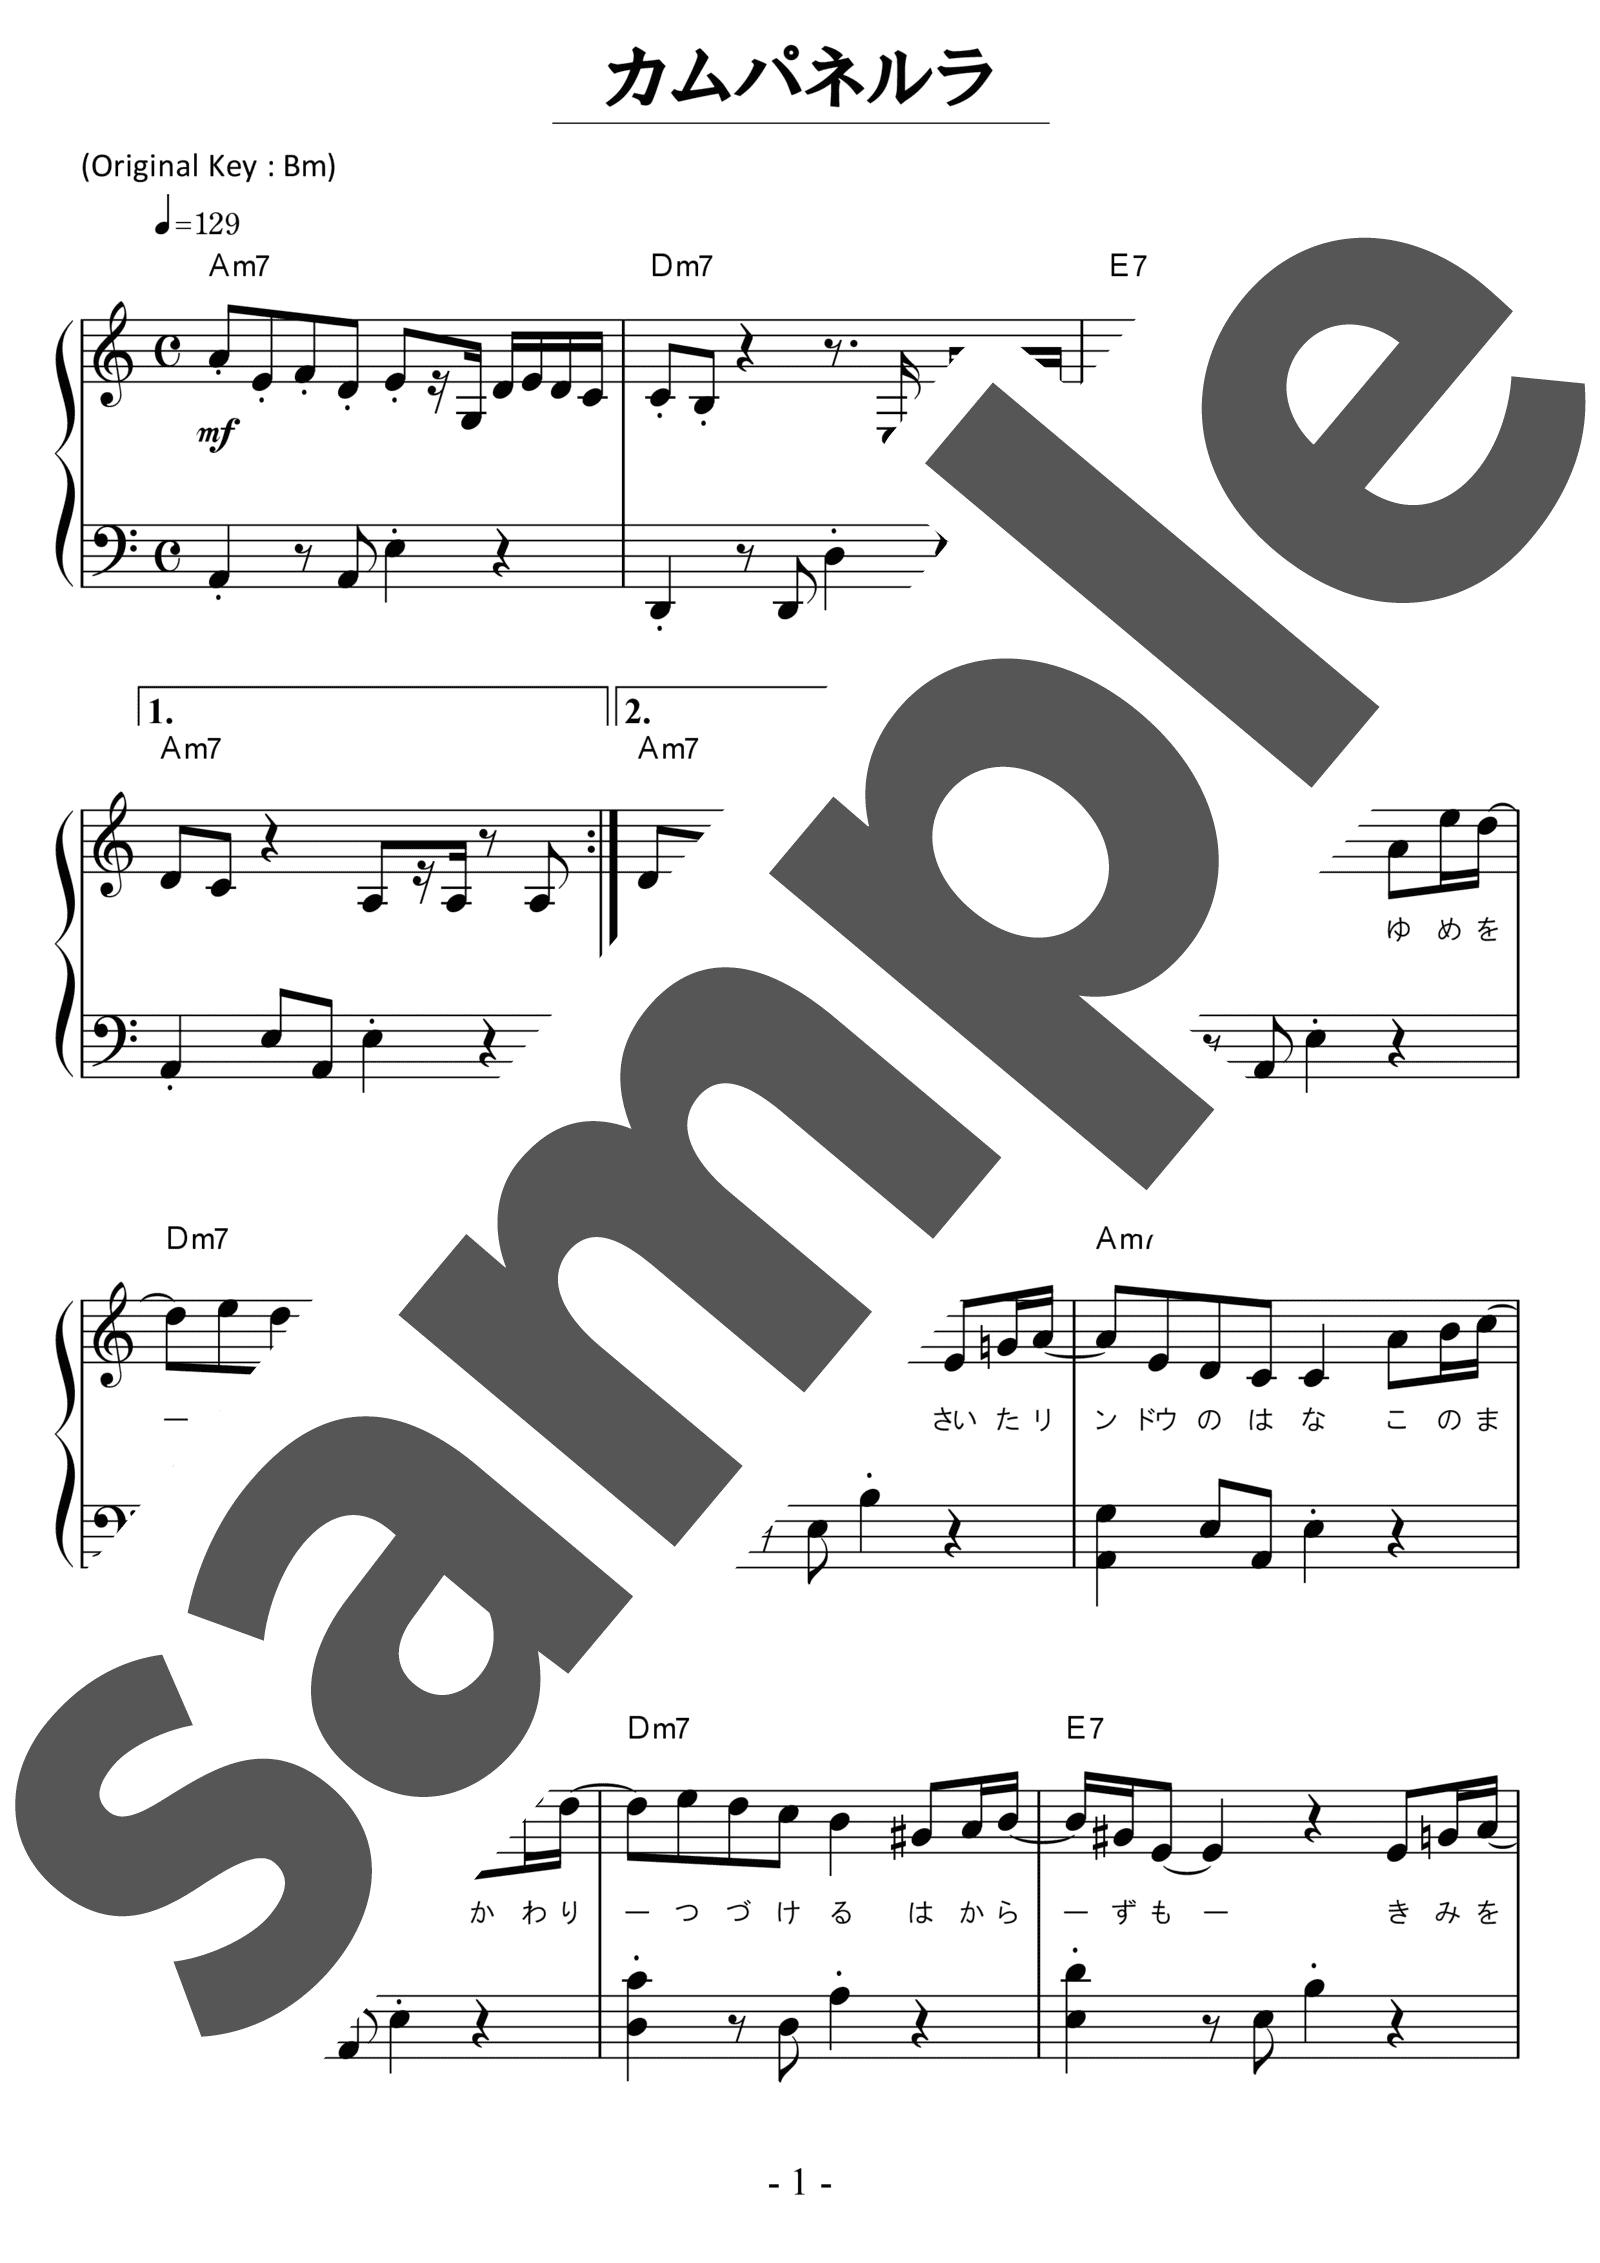 「カムパネルラ」のサンプル楽譜